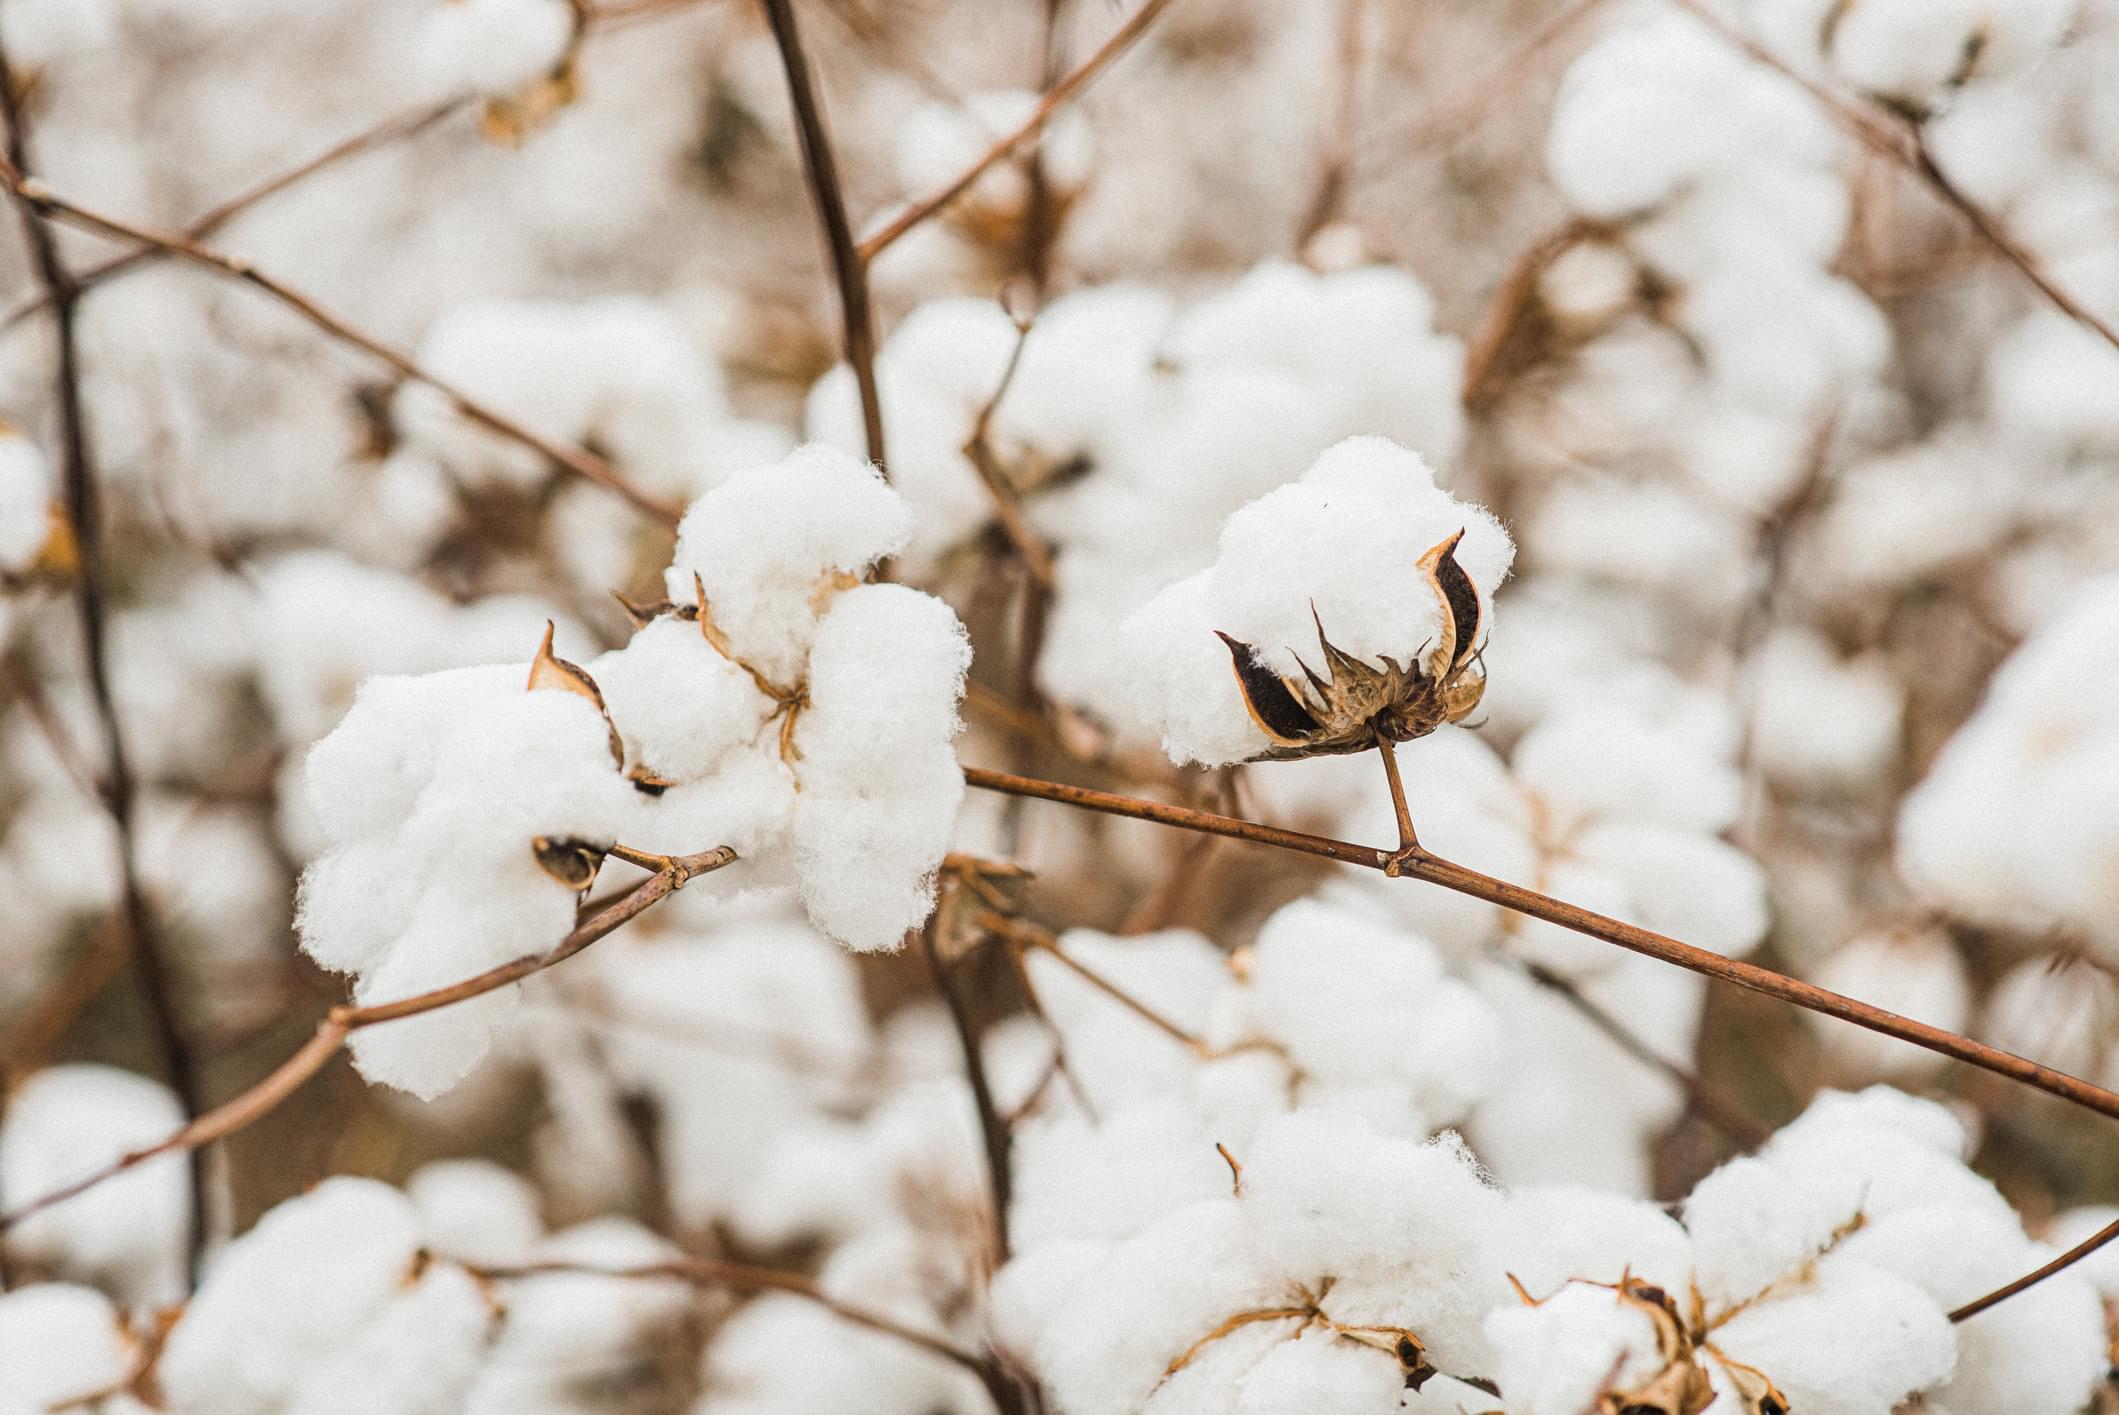 Open Cotton Bolls in Field